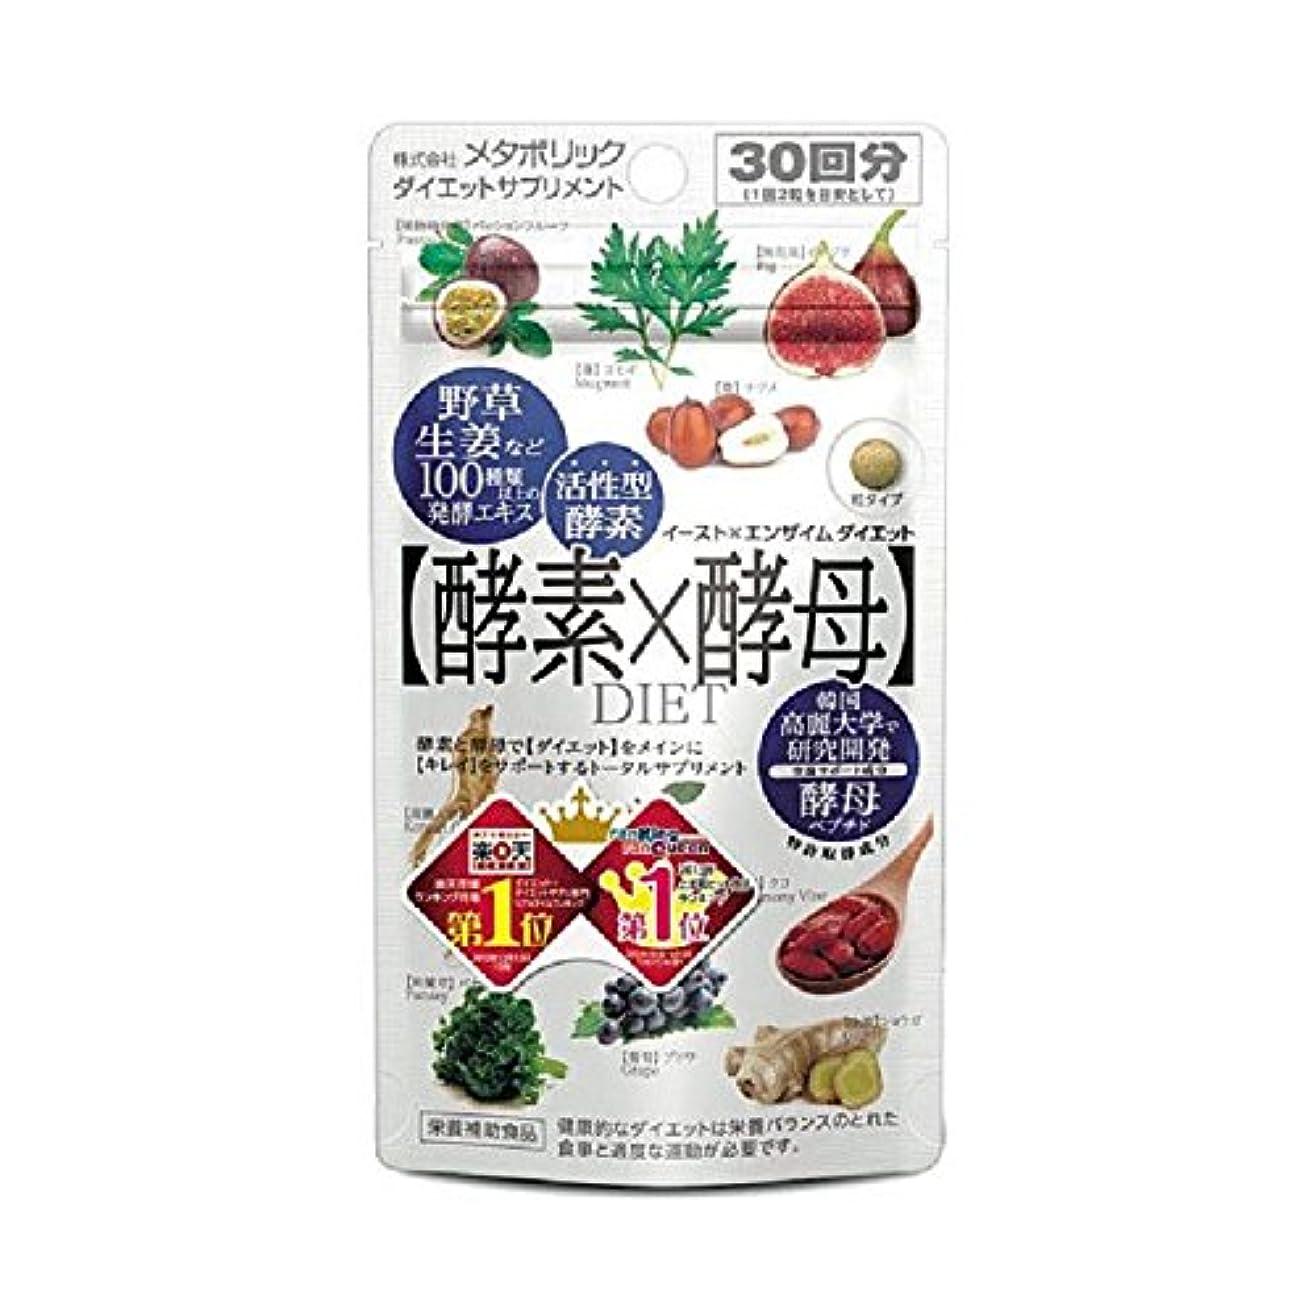 拘束する軽結婚式酵素×酵母 イースト×エンザイムダイエット 60粒×5個セット